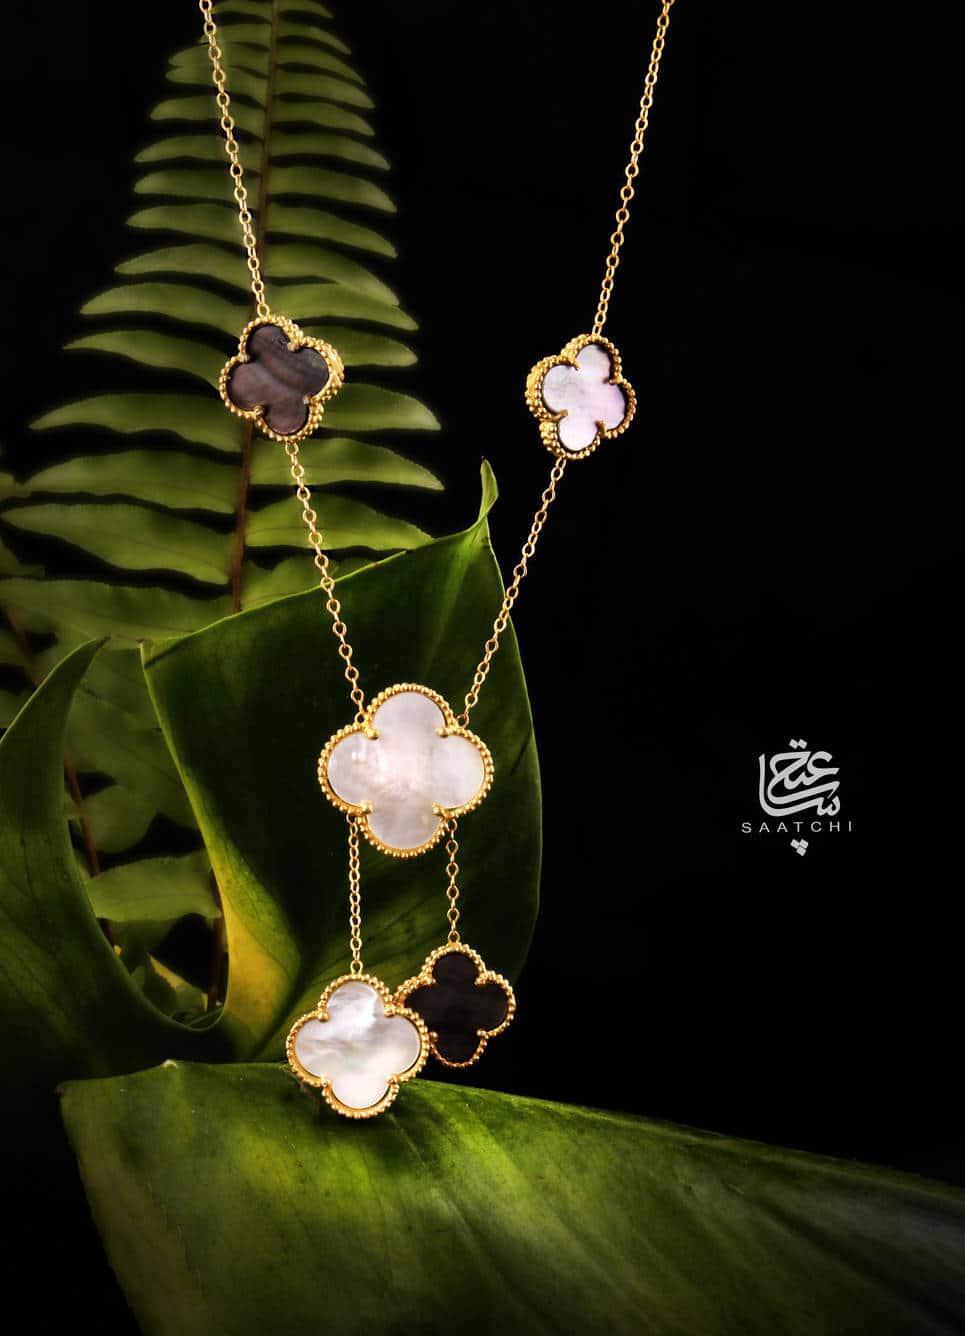 طلا و جواهر مناسب برای سنین مختلف